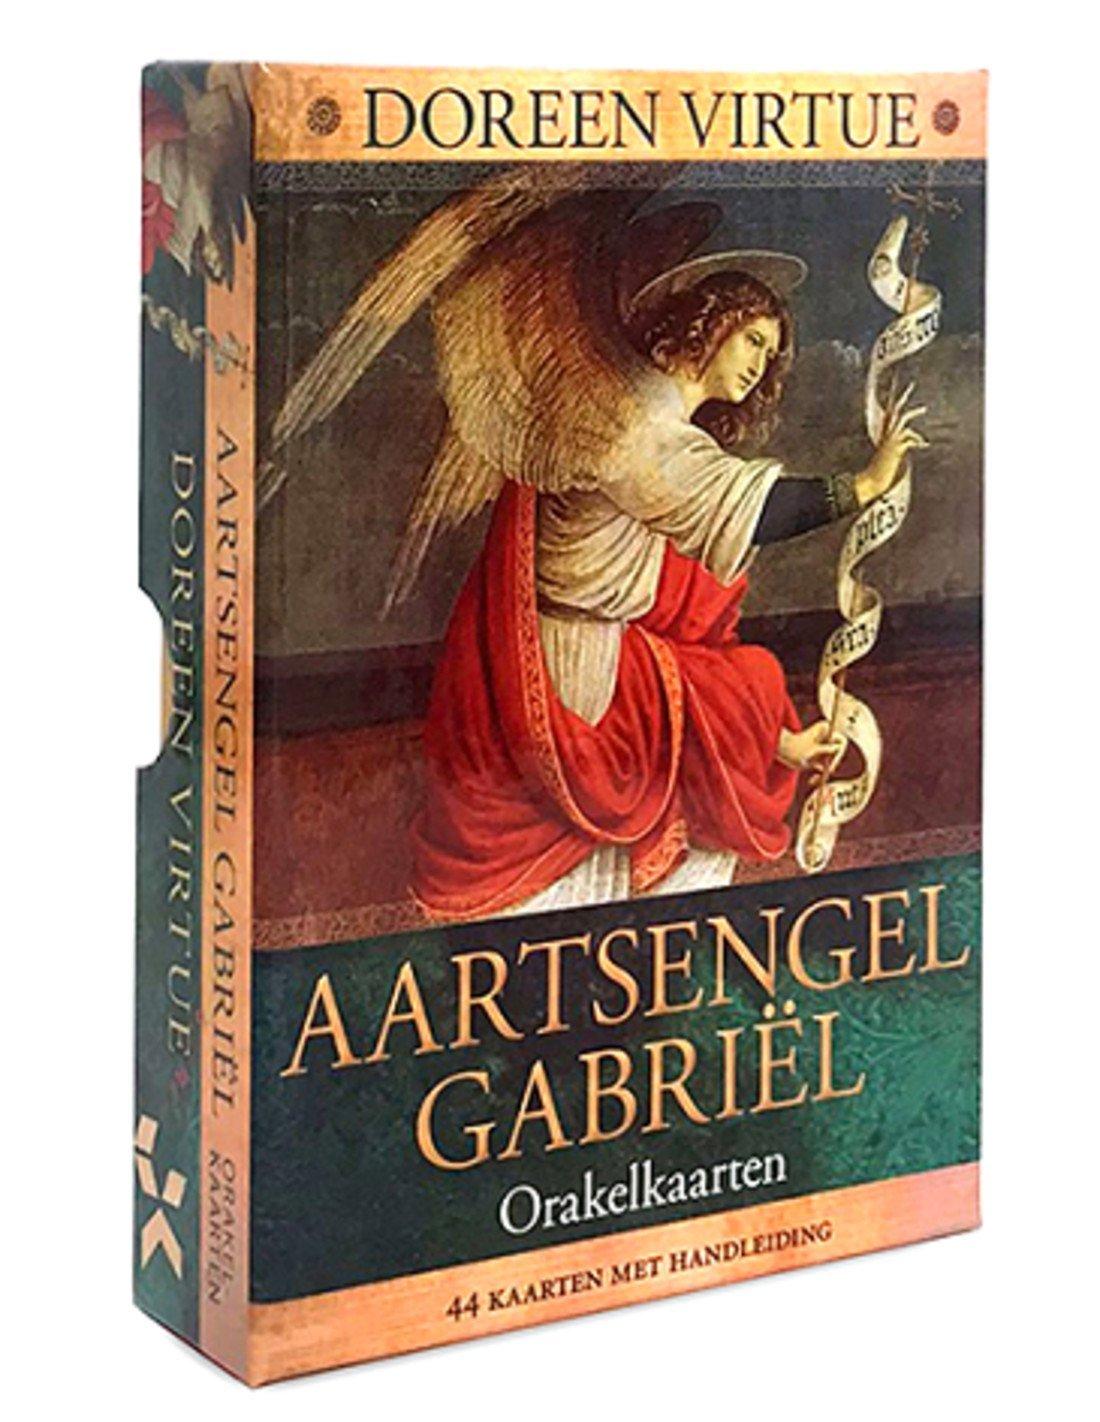 Aartsengel Gabriël Orakelkaarten